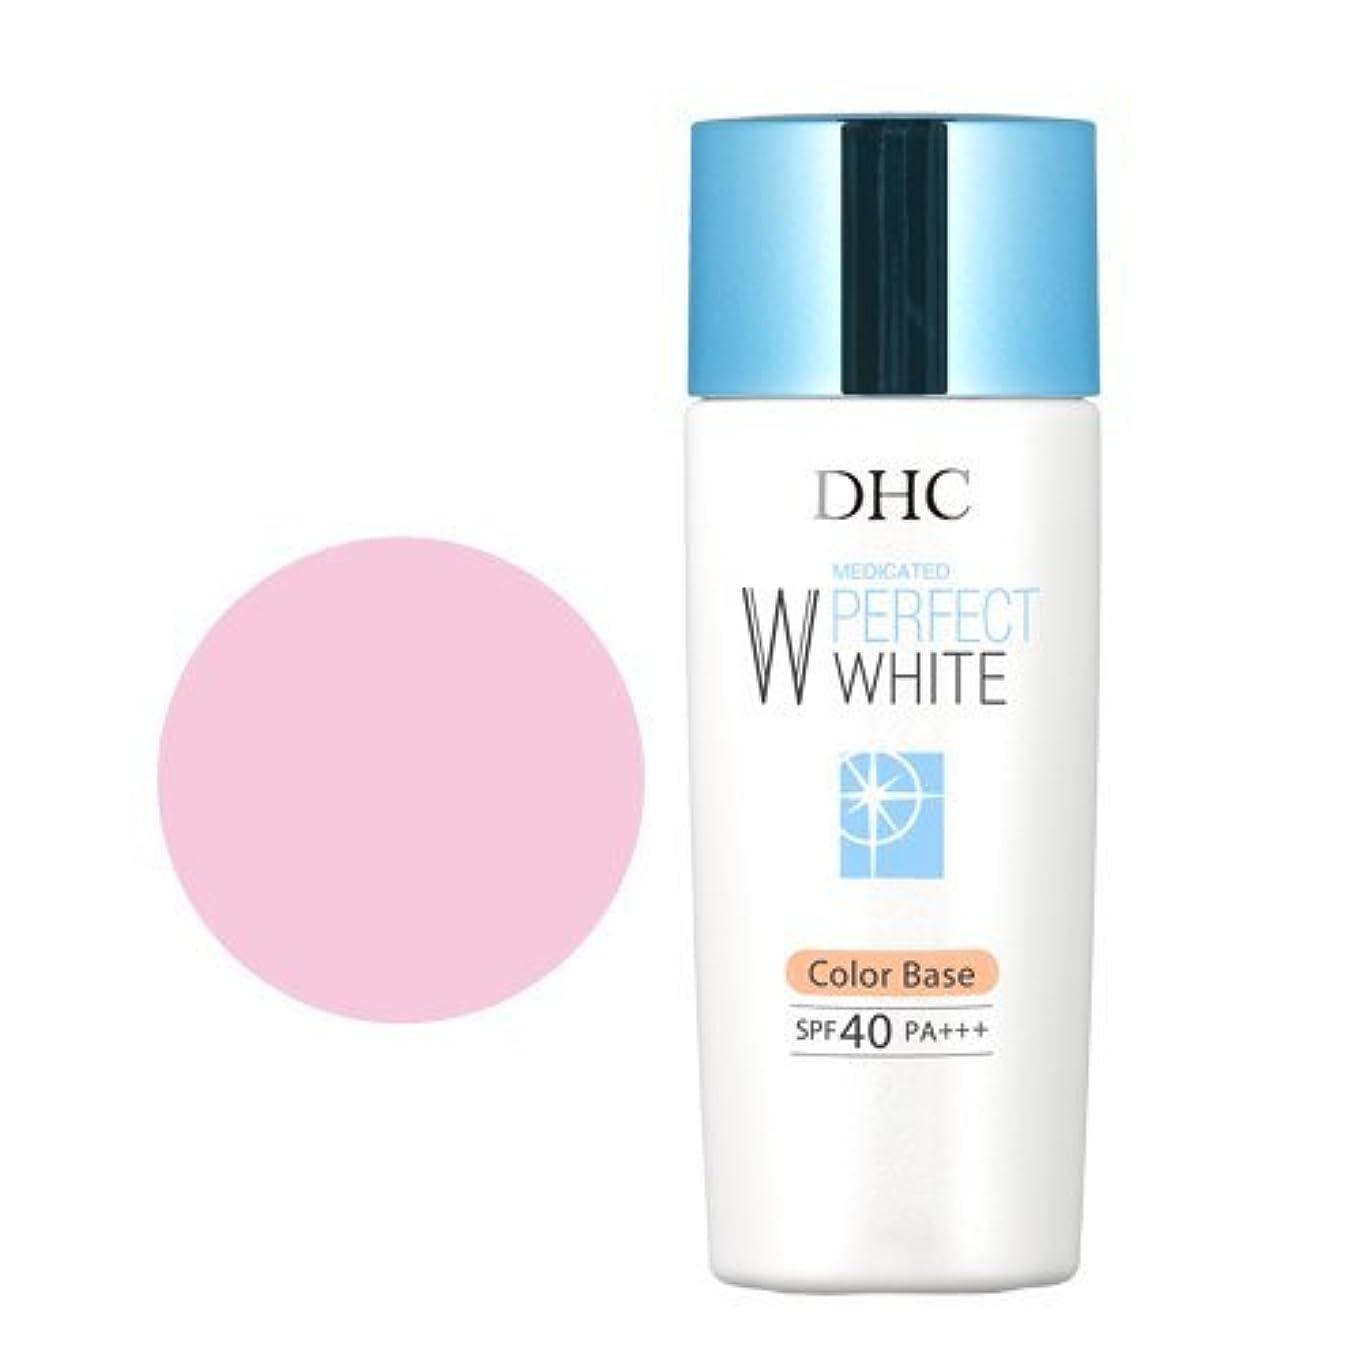 評論家提供された入場料【医薬部外品】DHC薬用PW カラーベース【SPF40?PA+++】(ピンク)